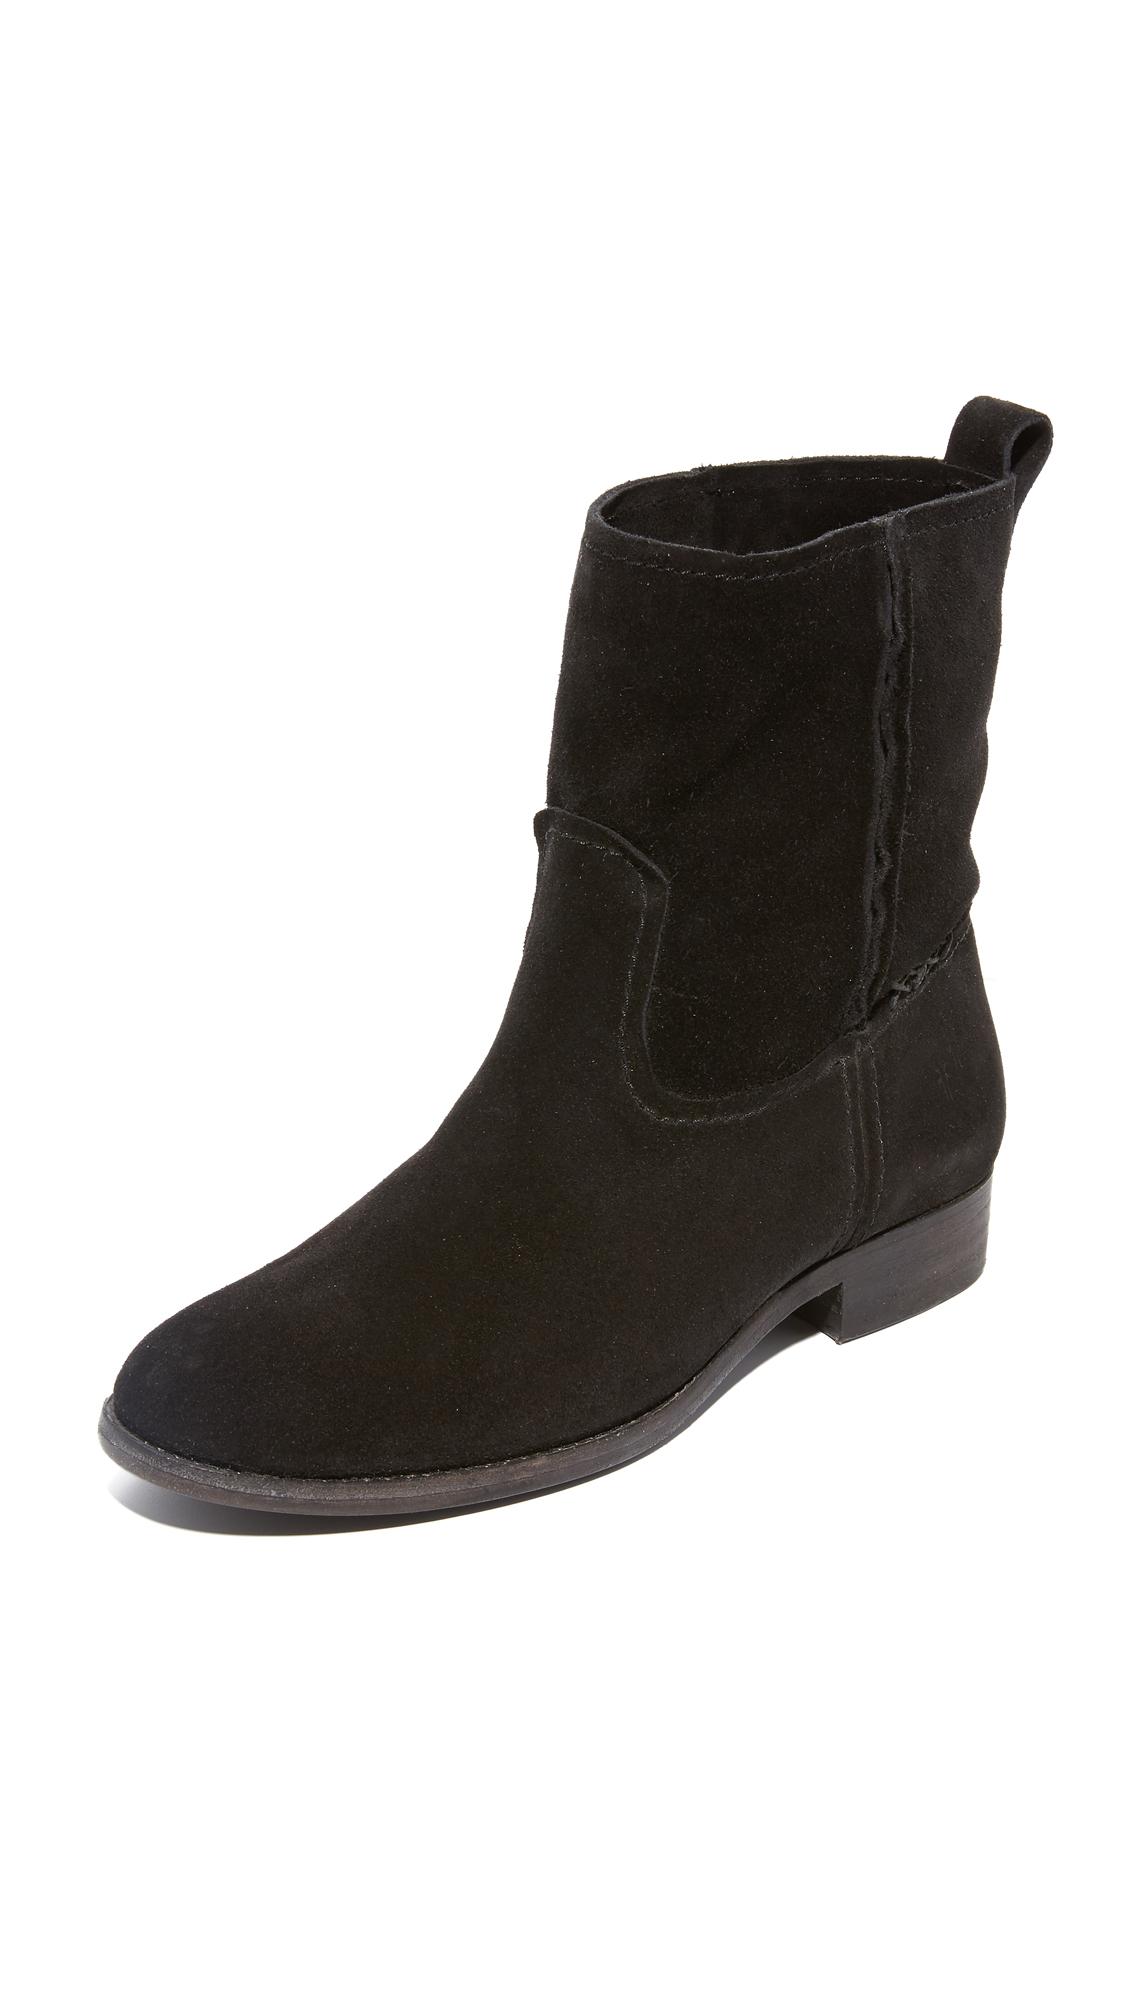 Frye Cara Short Boots - Black at Shopbop